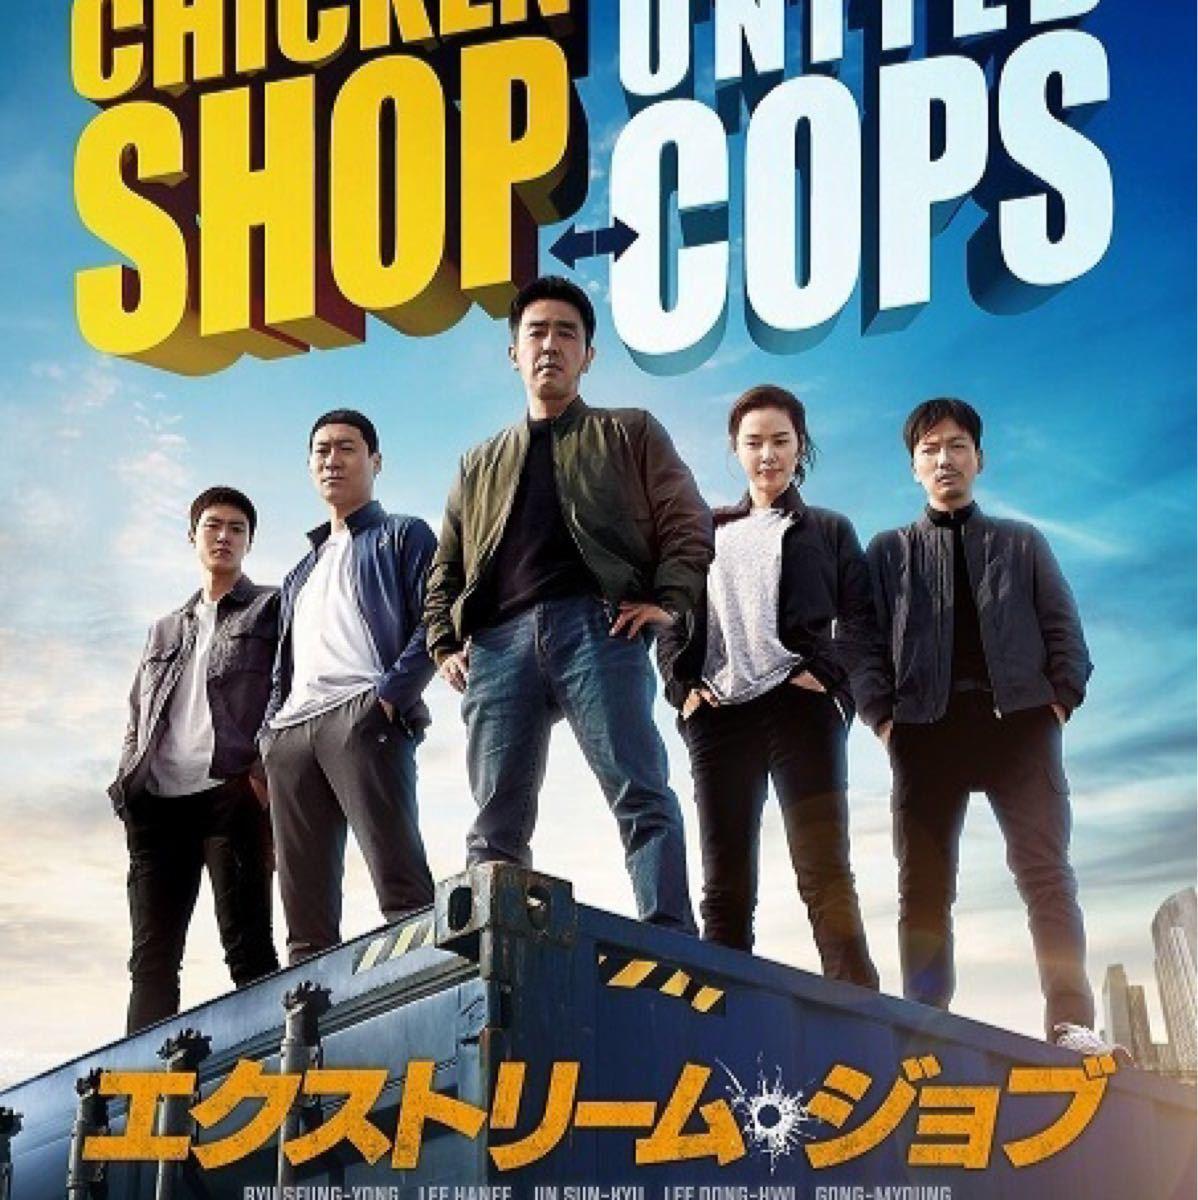 韓国映画 DVD 3点セット+選べるおまけ1枚 合計4枚 レーベル有り 入替可能